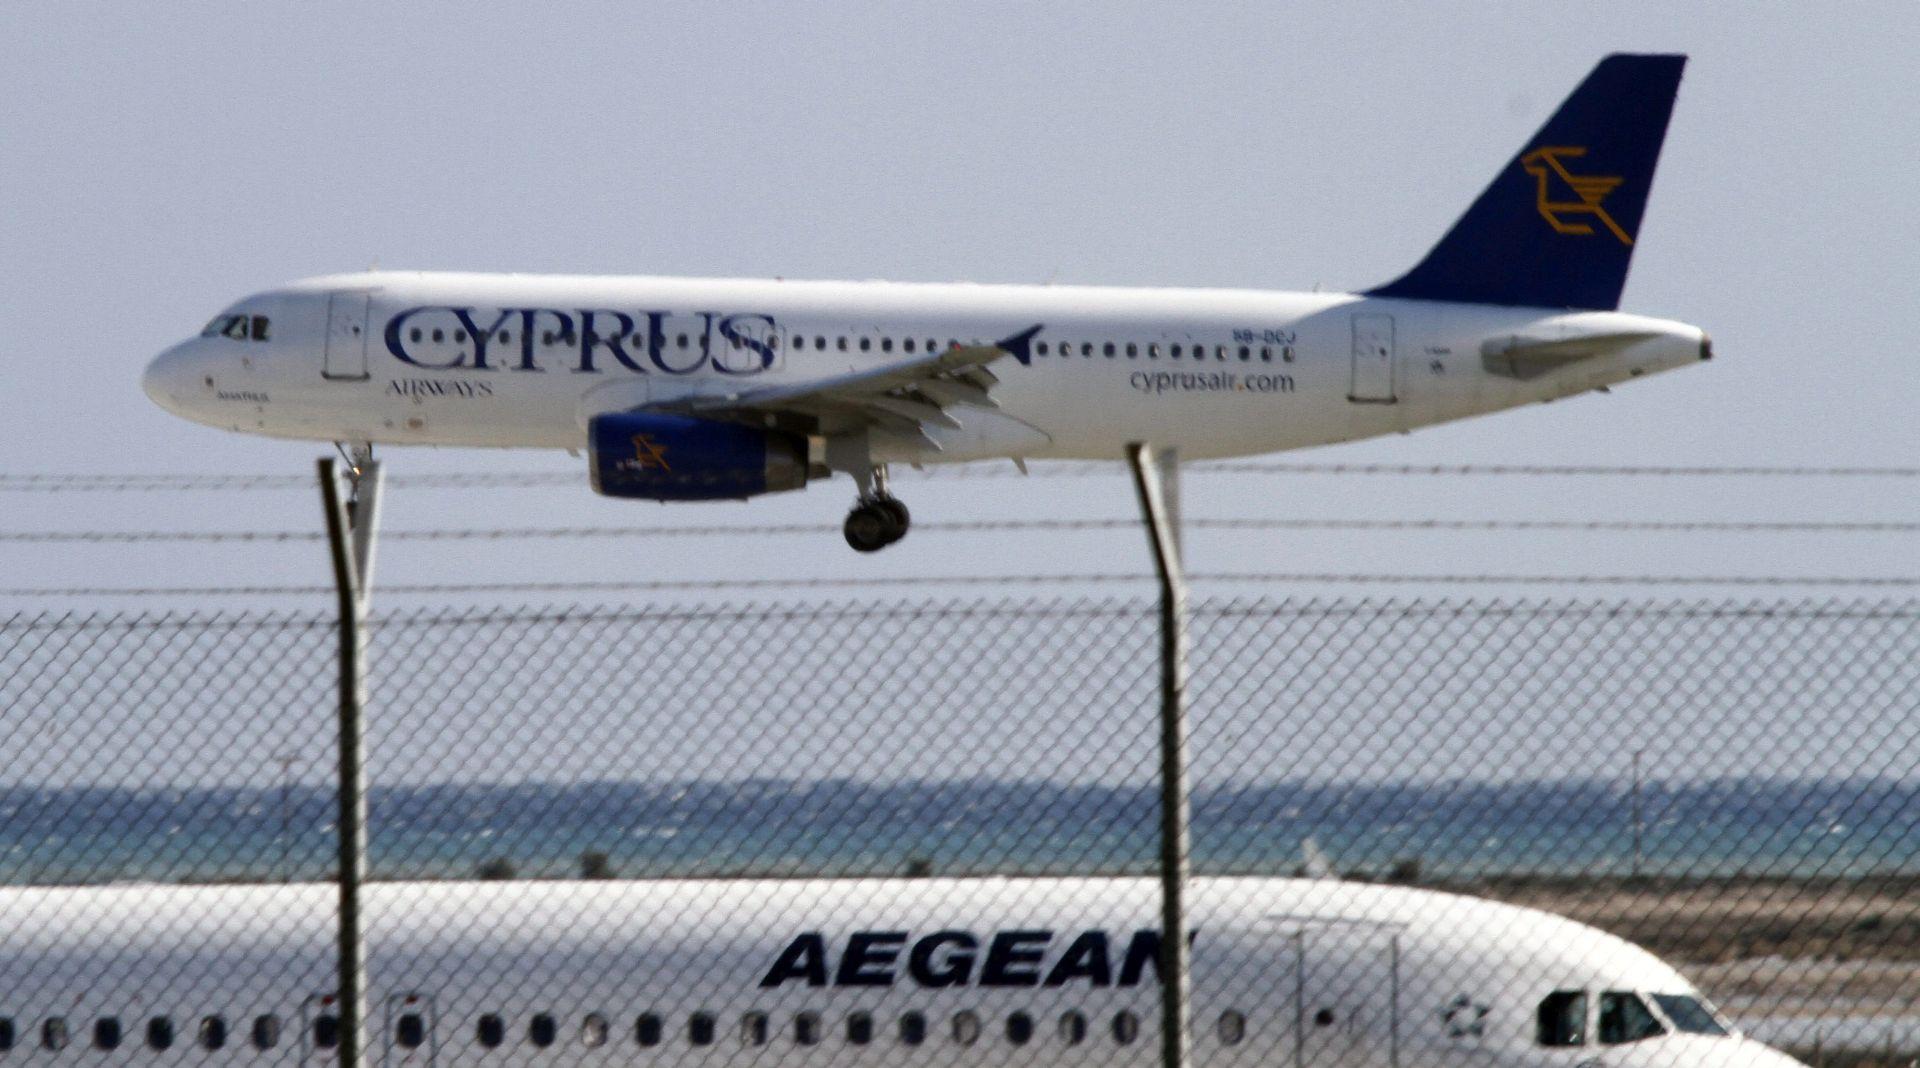 Grčki carinici zadržali srbijansku dječju folklornu skupinu u zračnoj luci na Cipru